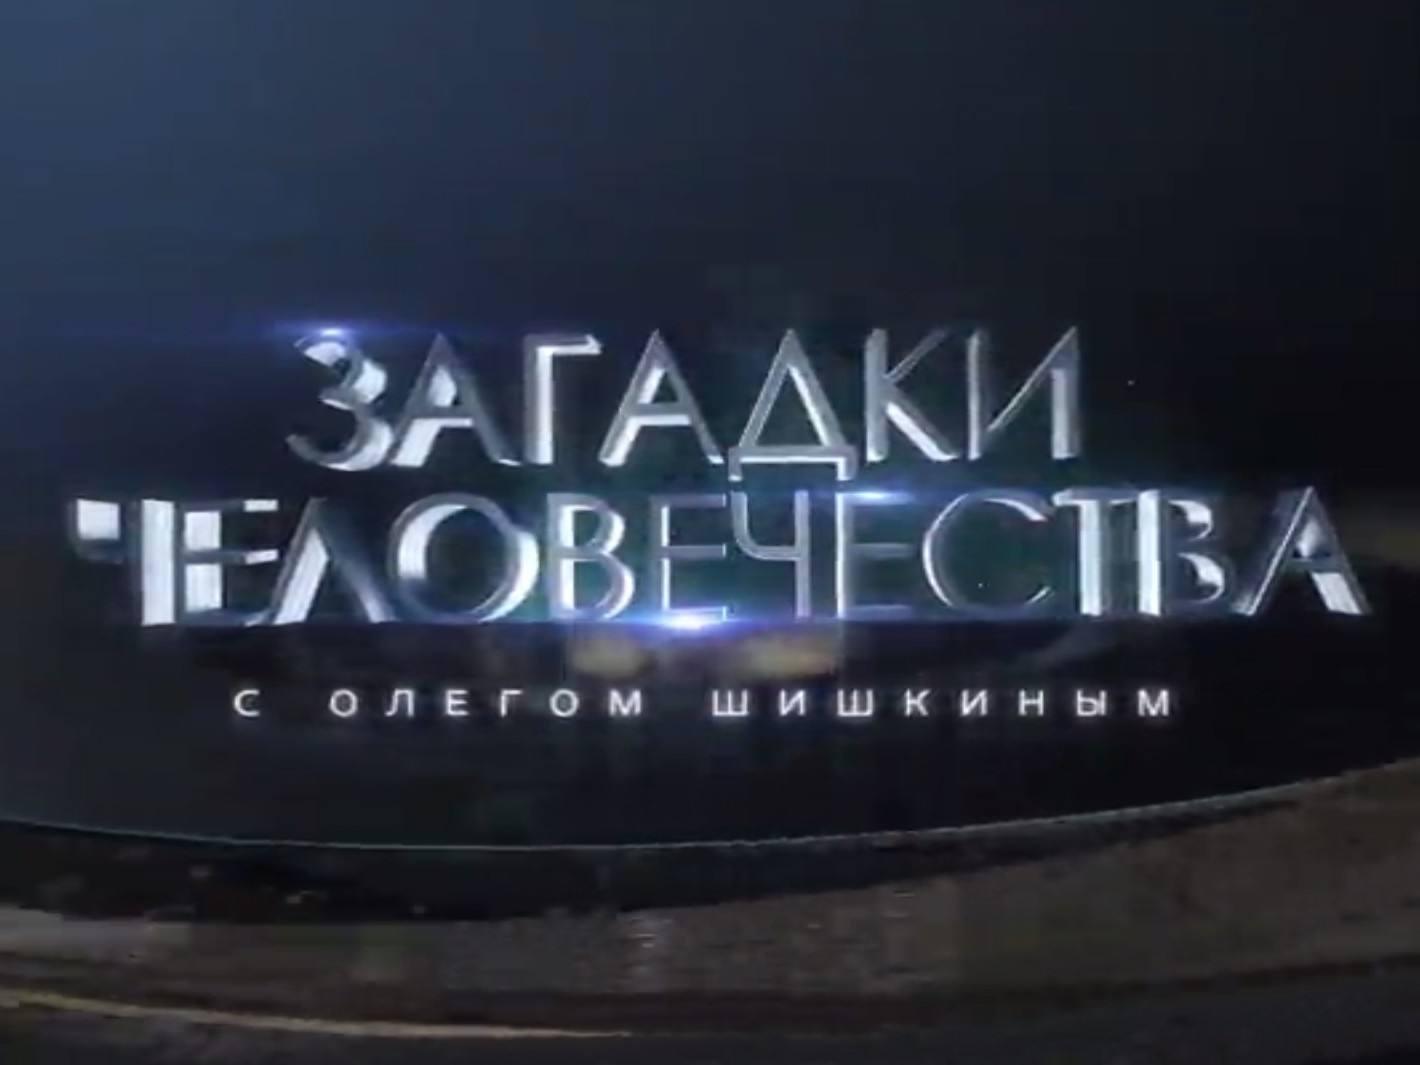 программа РЕН ТВ: Загадки человечества с Олегом Шишкиным 444 серия